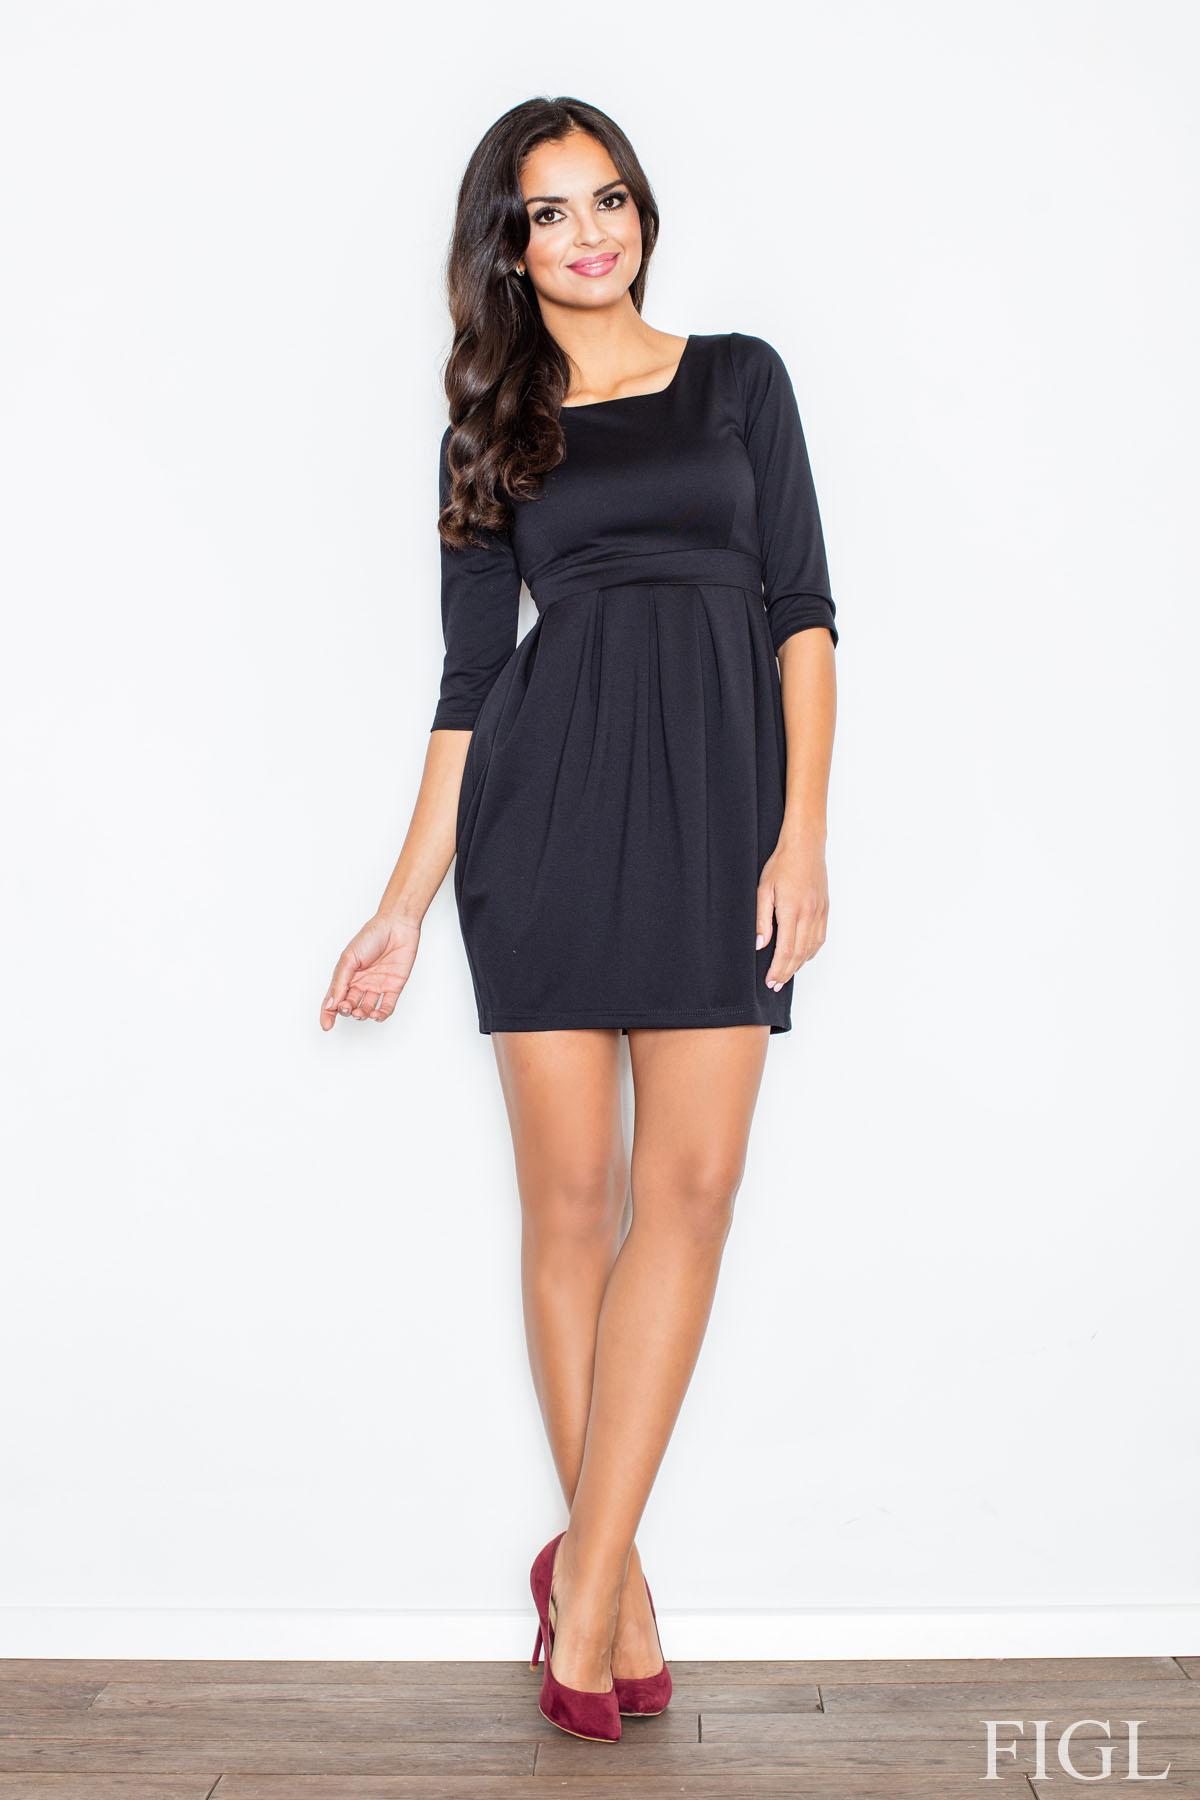 Dámske čierne púzdrové šaty s balonovou sukňou M122 86deeb8ffd4